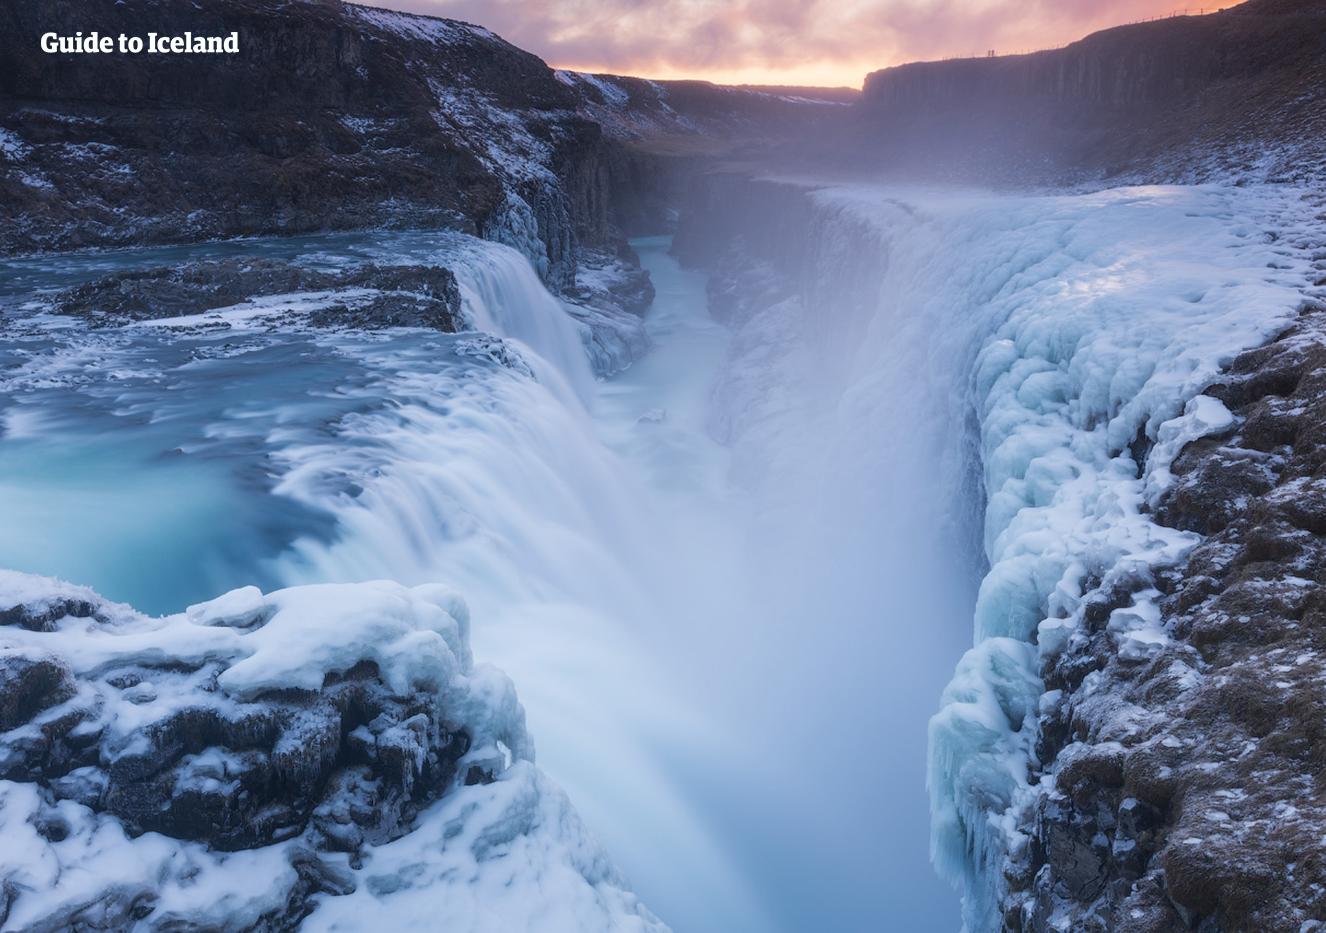 Alla som går nära vattenfallet kan känna stänket från det populära vattenfallet Gullfoss med glaciärvatten som forsar från Langjökulls inlandsis.